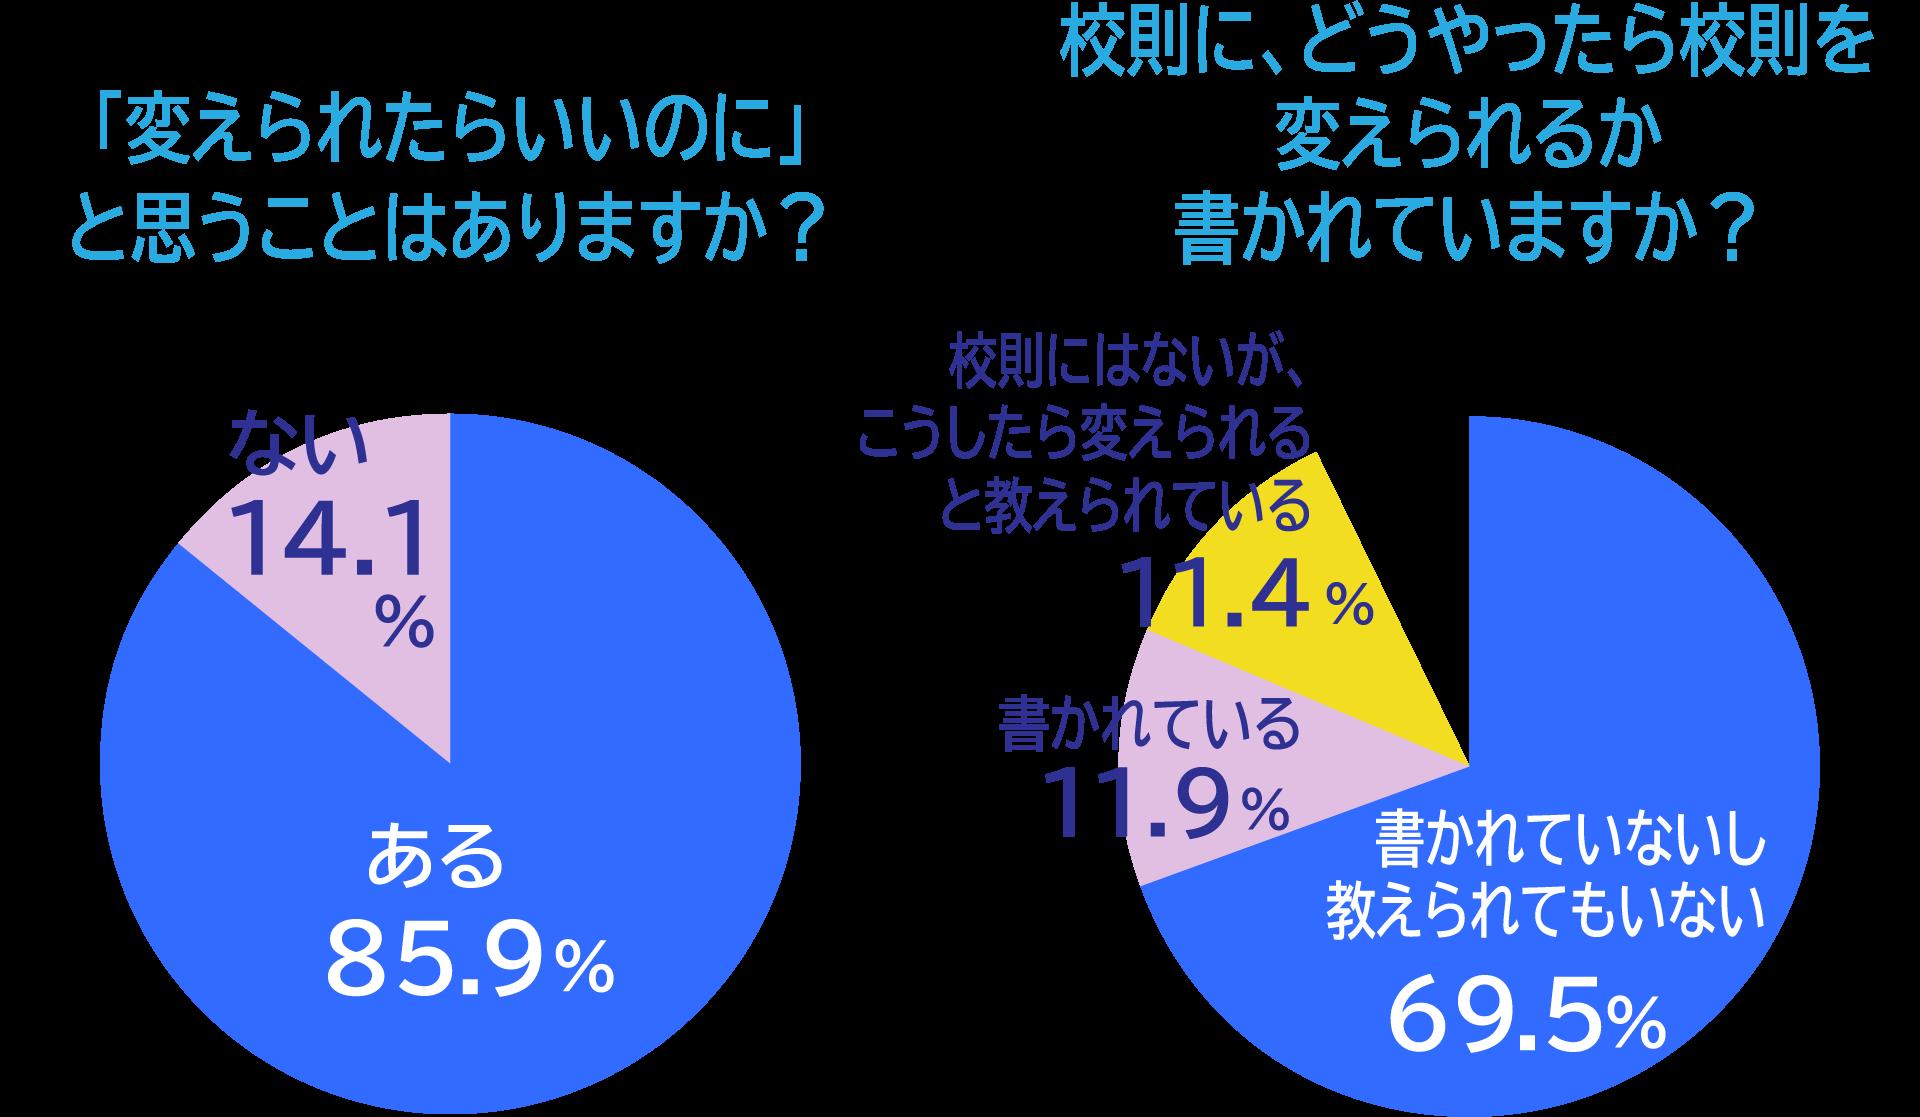 「変えられたらいいのに」と思うことはありますか?「ある」85.9%「ない」14.1%、 校則に、どうやったら校則を変えられるか書かれていますか?「書かれていないし教えられてもいない」69.5%「書かれている」11.9%「校則にはないが、こうしたら変えられると教えられている」11.4%「わからない」1%